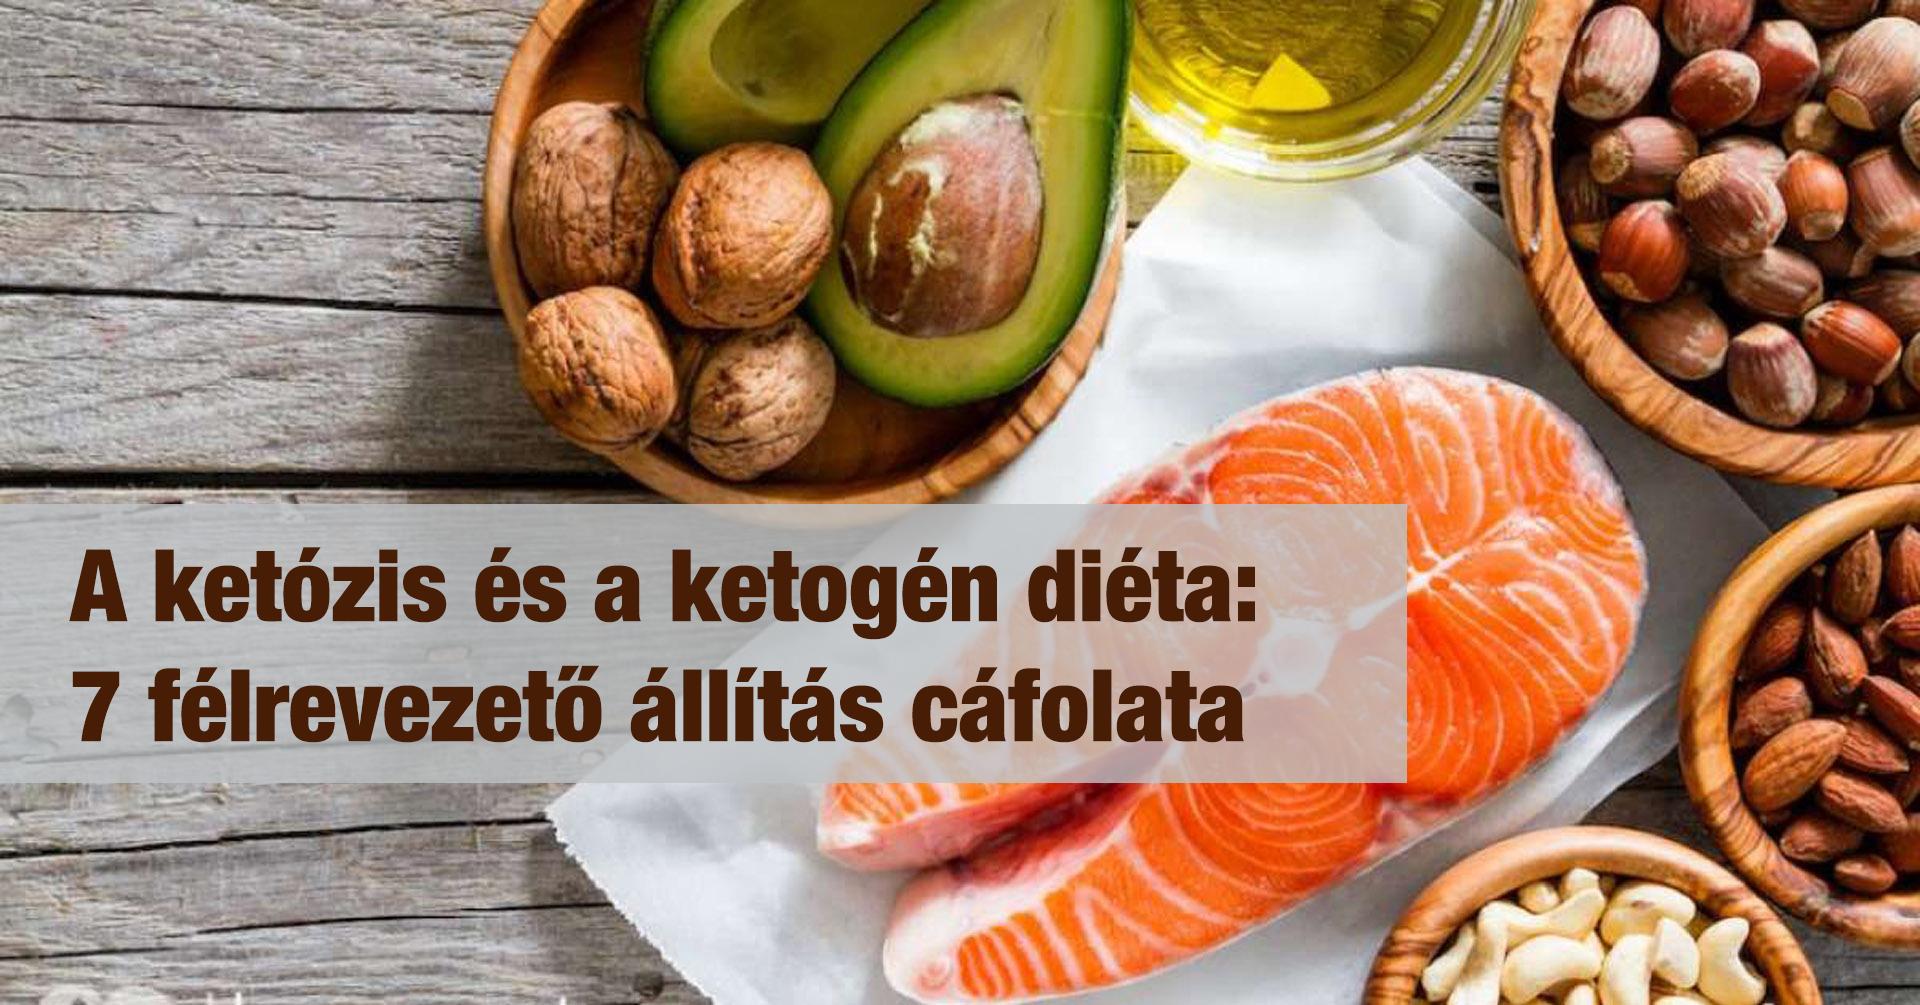 diéta magas vérnyomás esetén a diéta kórtörténet a magas vérnyomás kezelésére